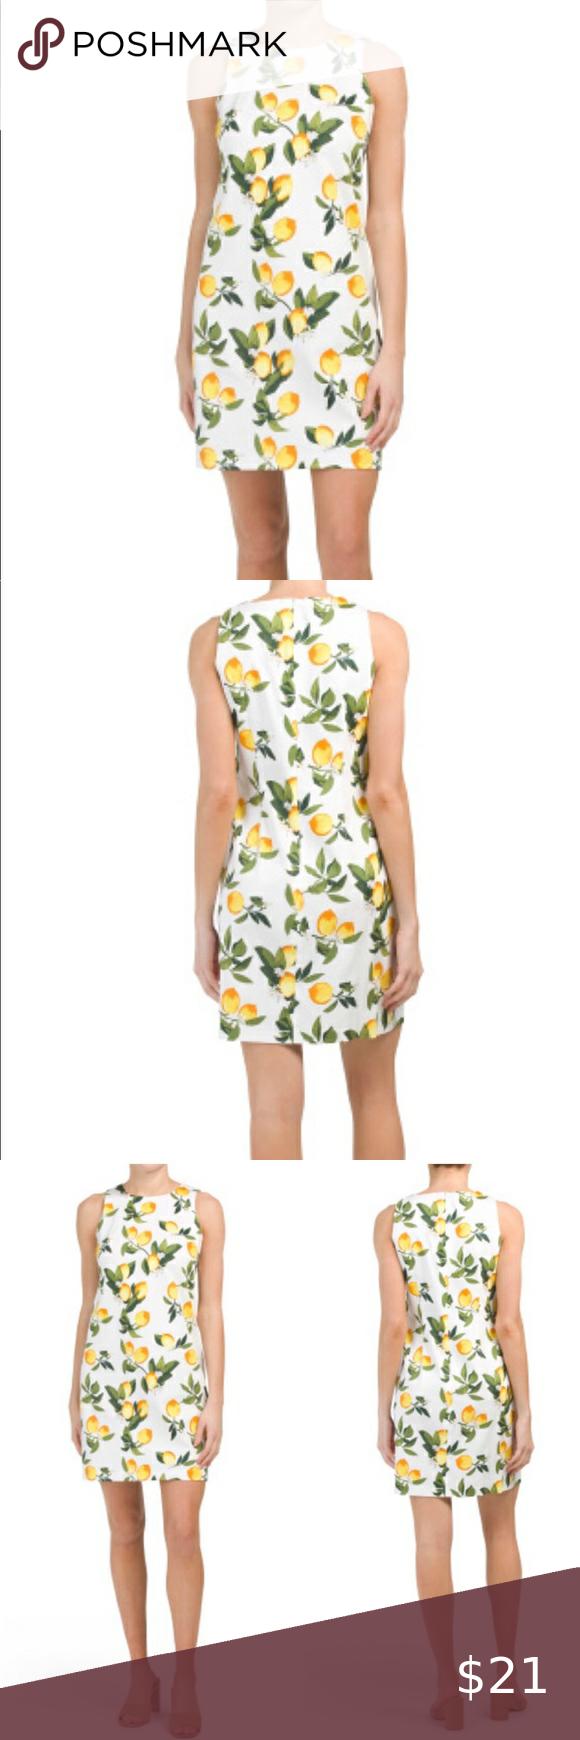 Nwt White Lemon Dress Lemon Dress Clothes Design Fashion [ 1740 x 580 Pixel ]